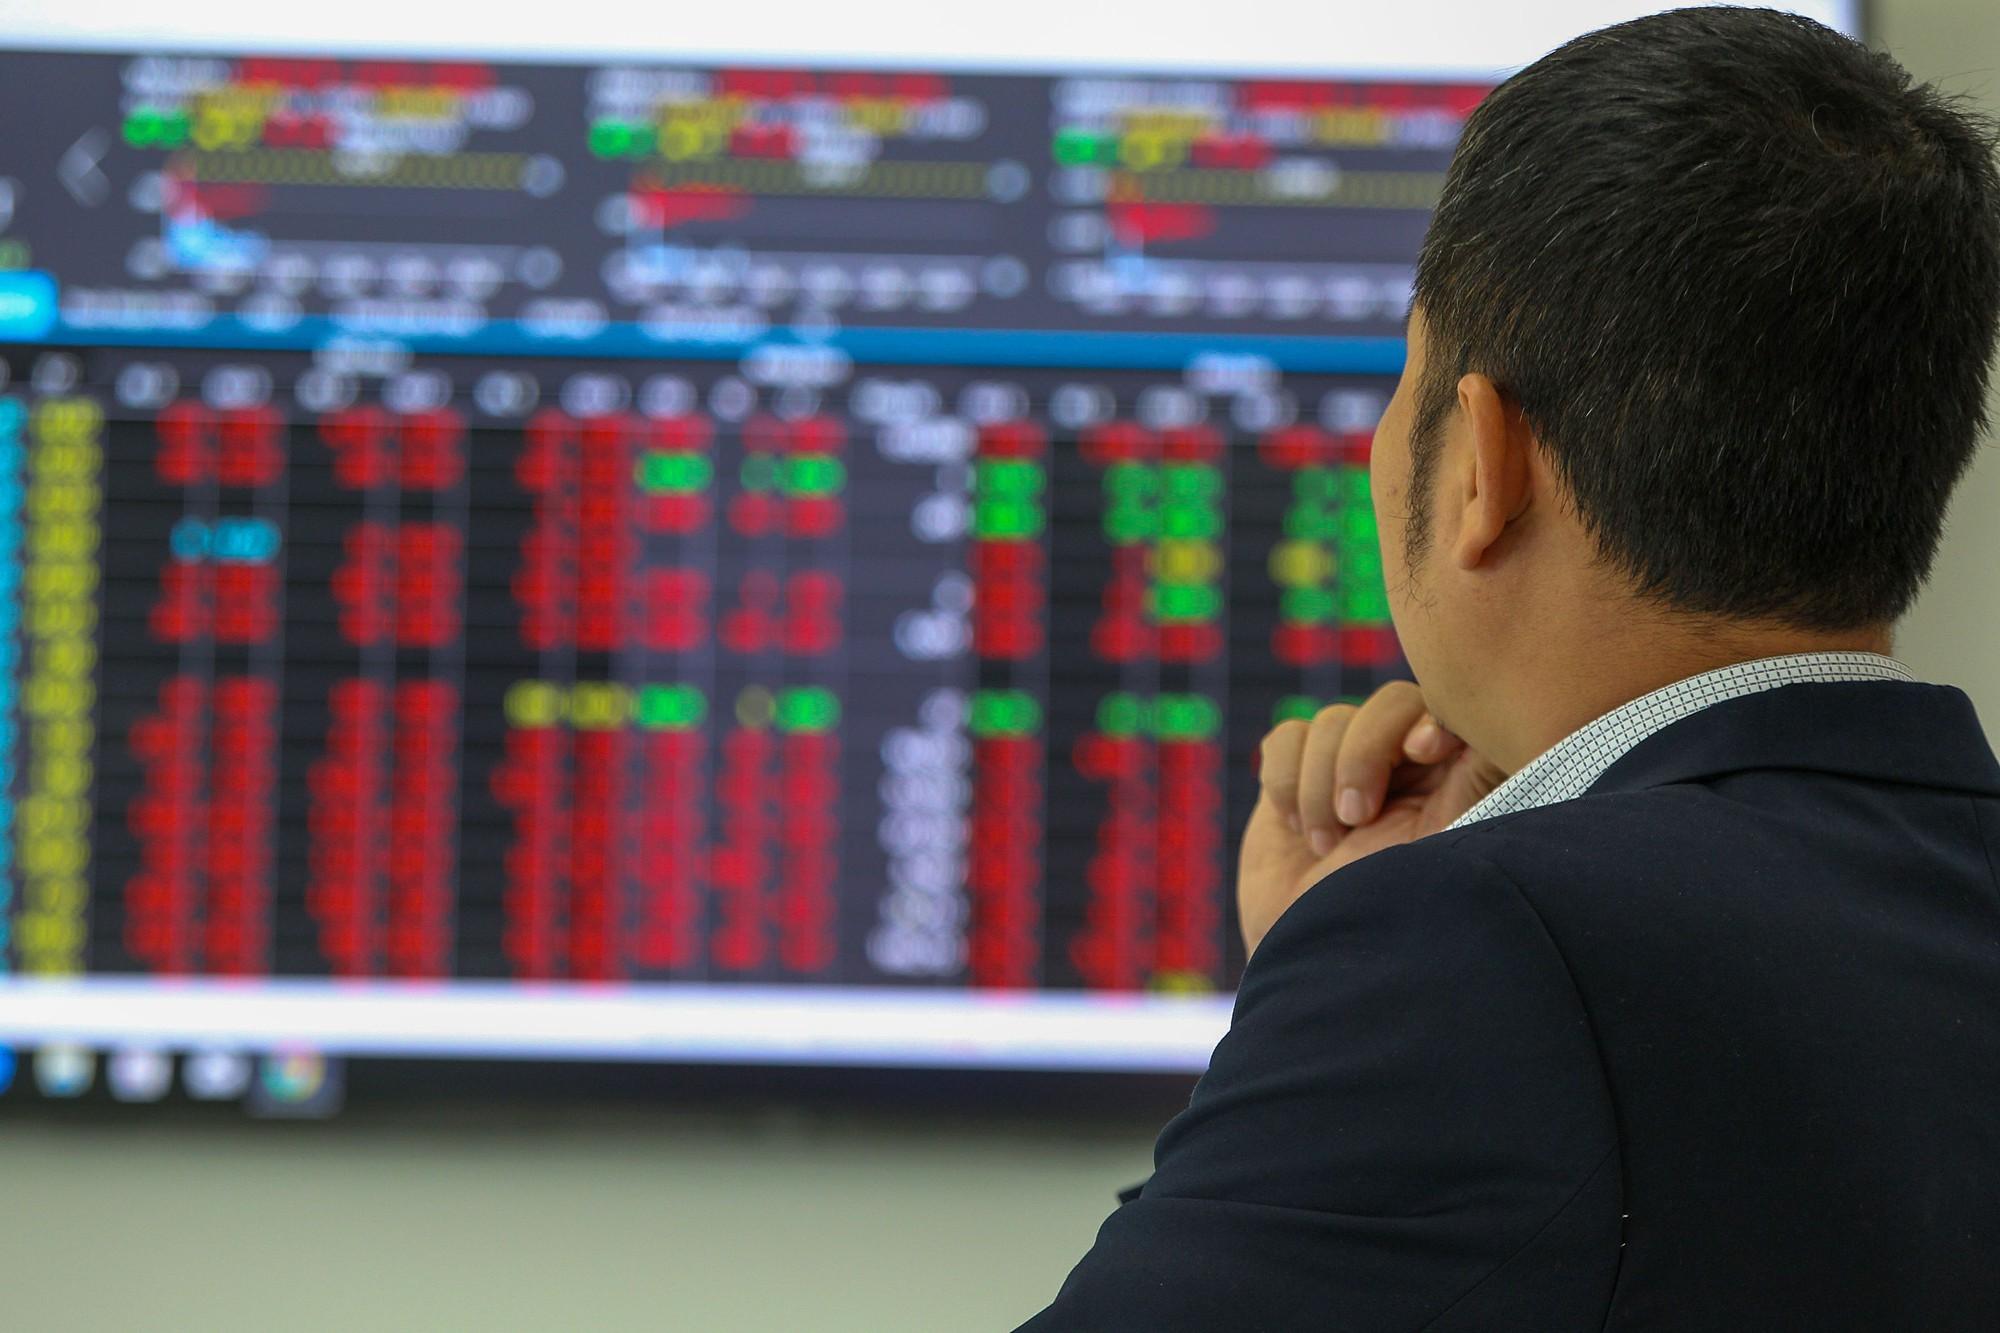 Thị trường chứng khoán tháng 5 được dự báo là vẫn còn nhiều khó khăn